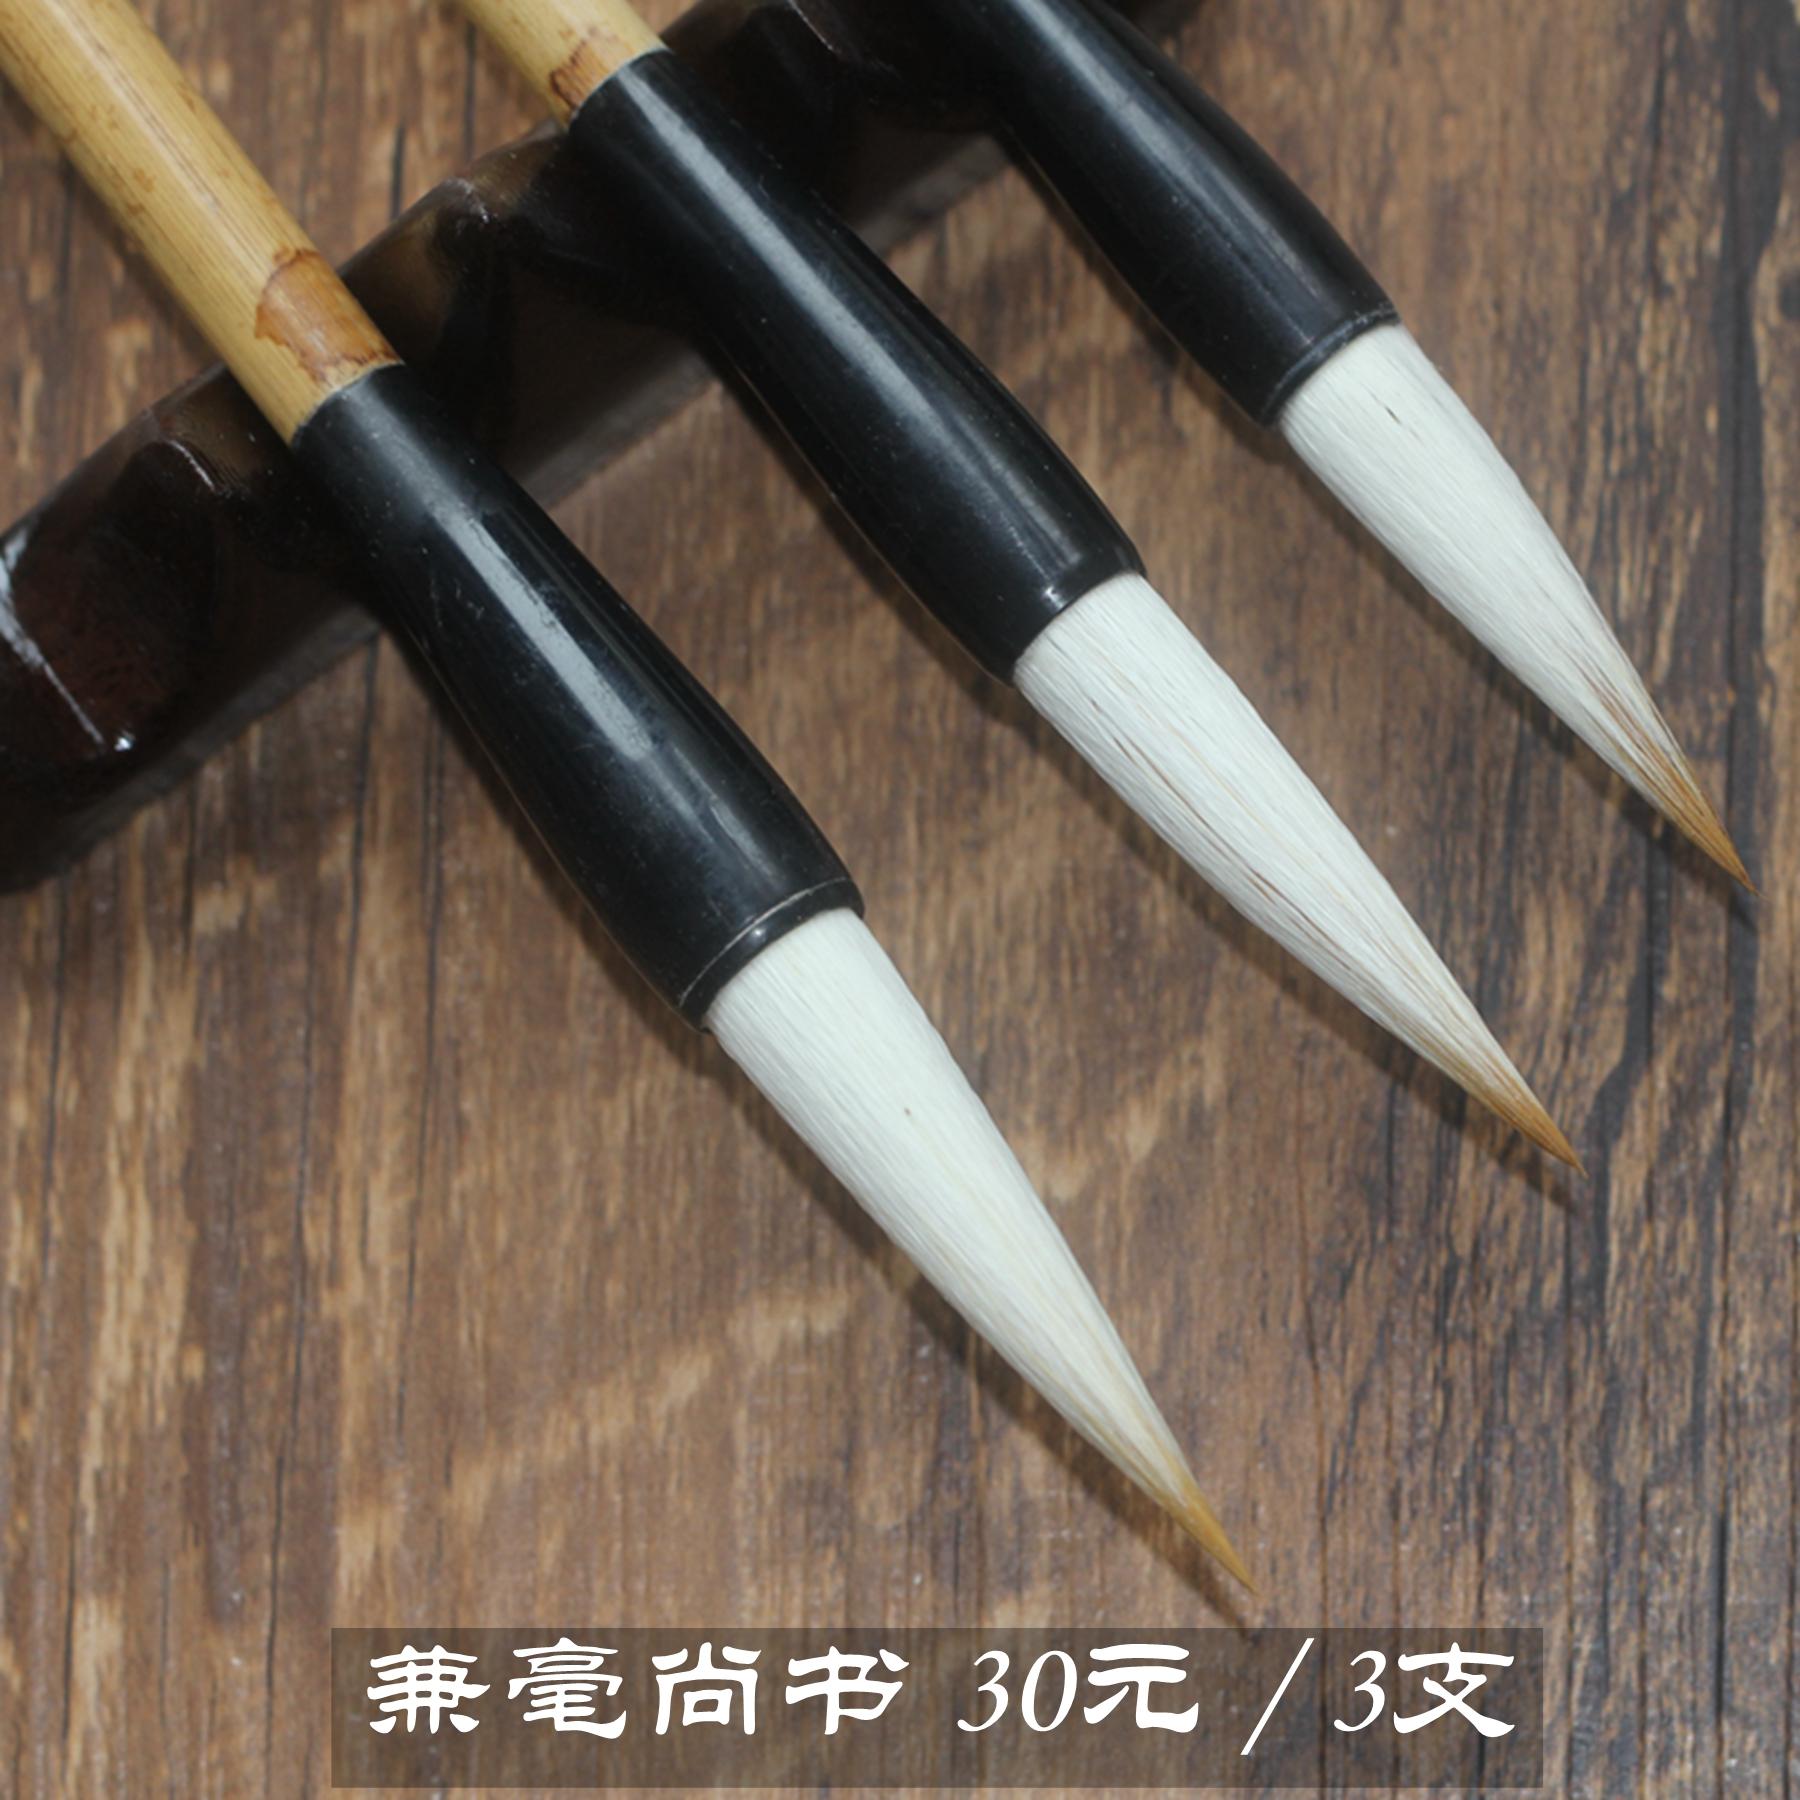 轩志 毛笔怎么样,好不好